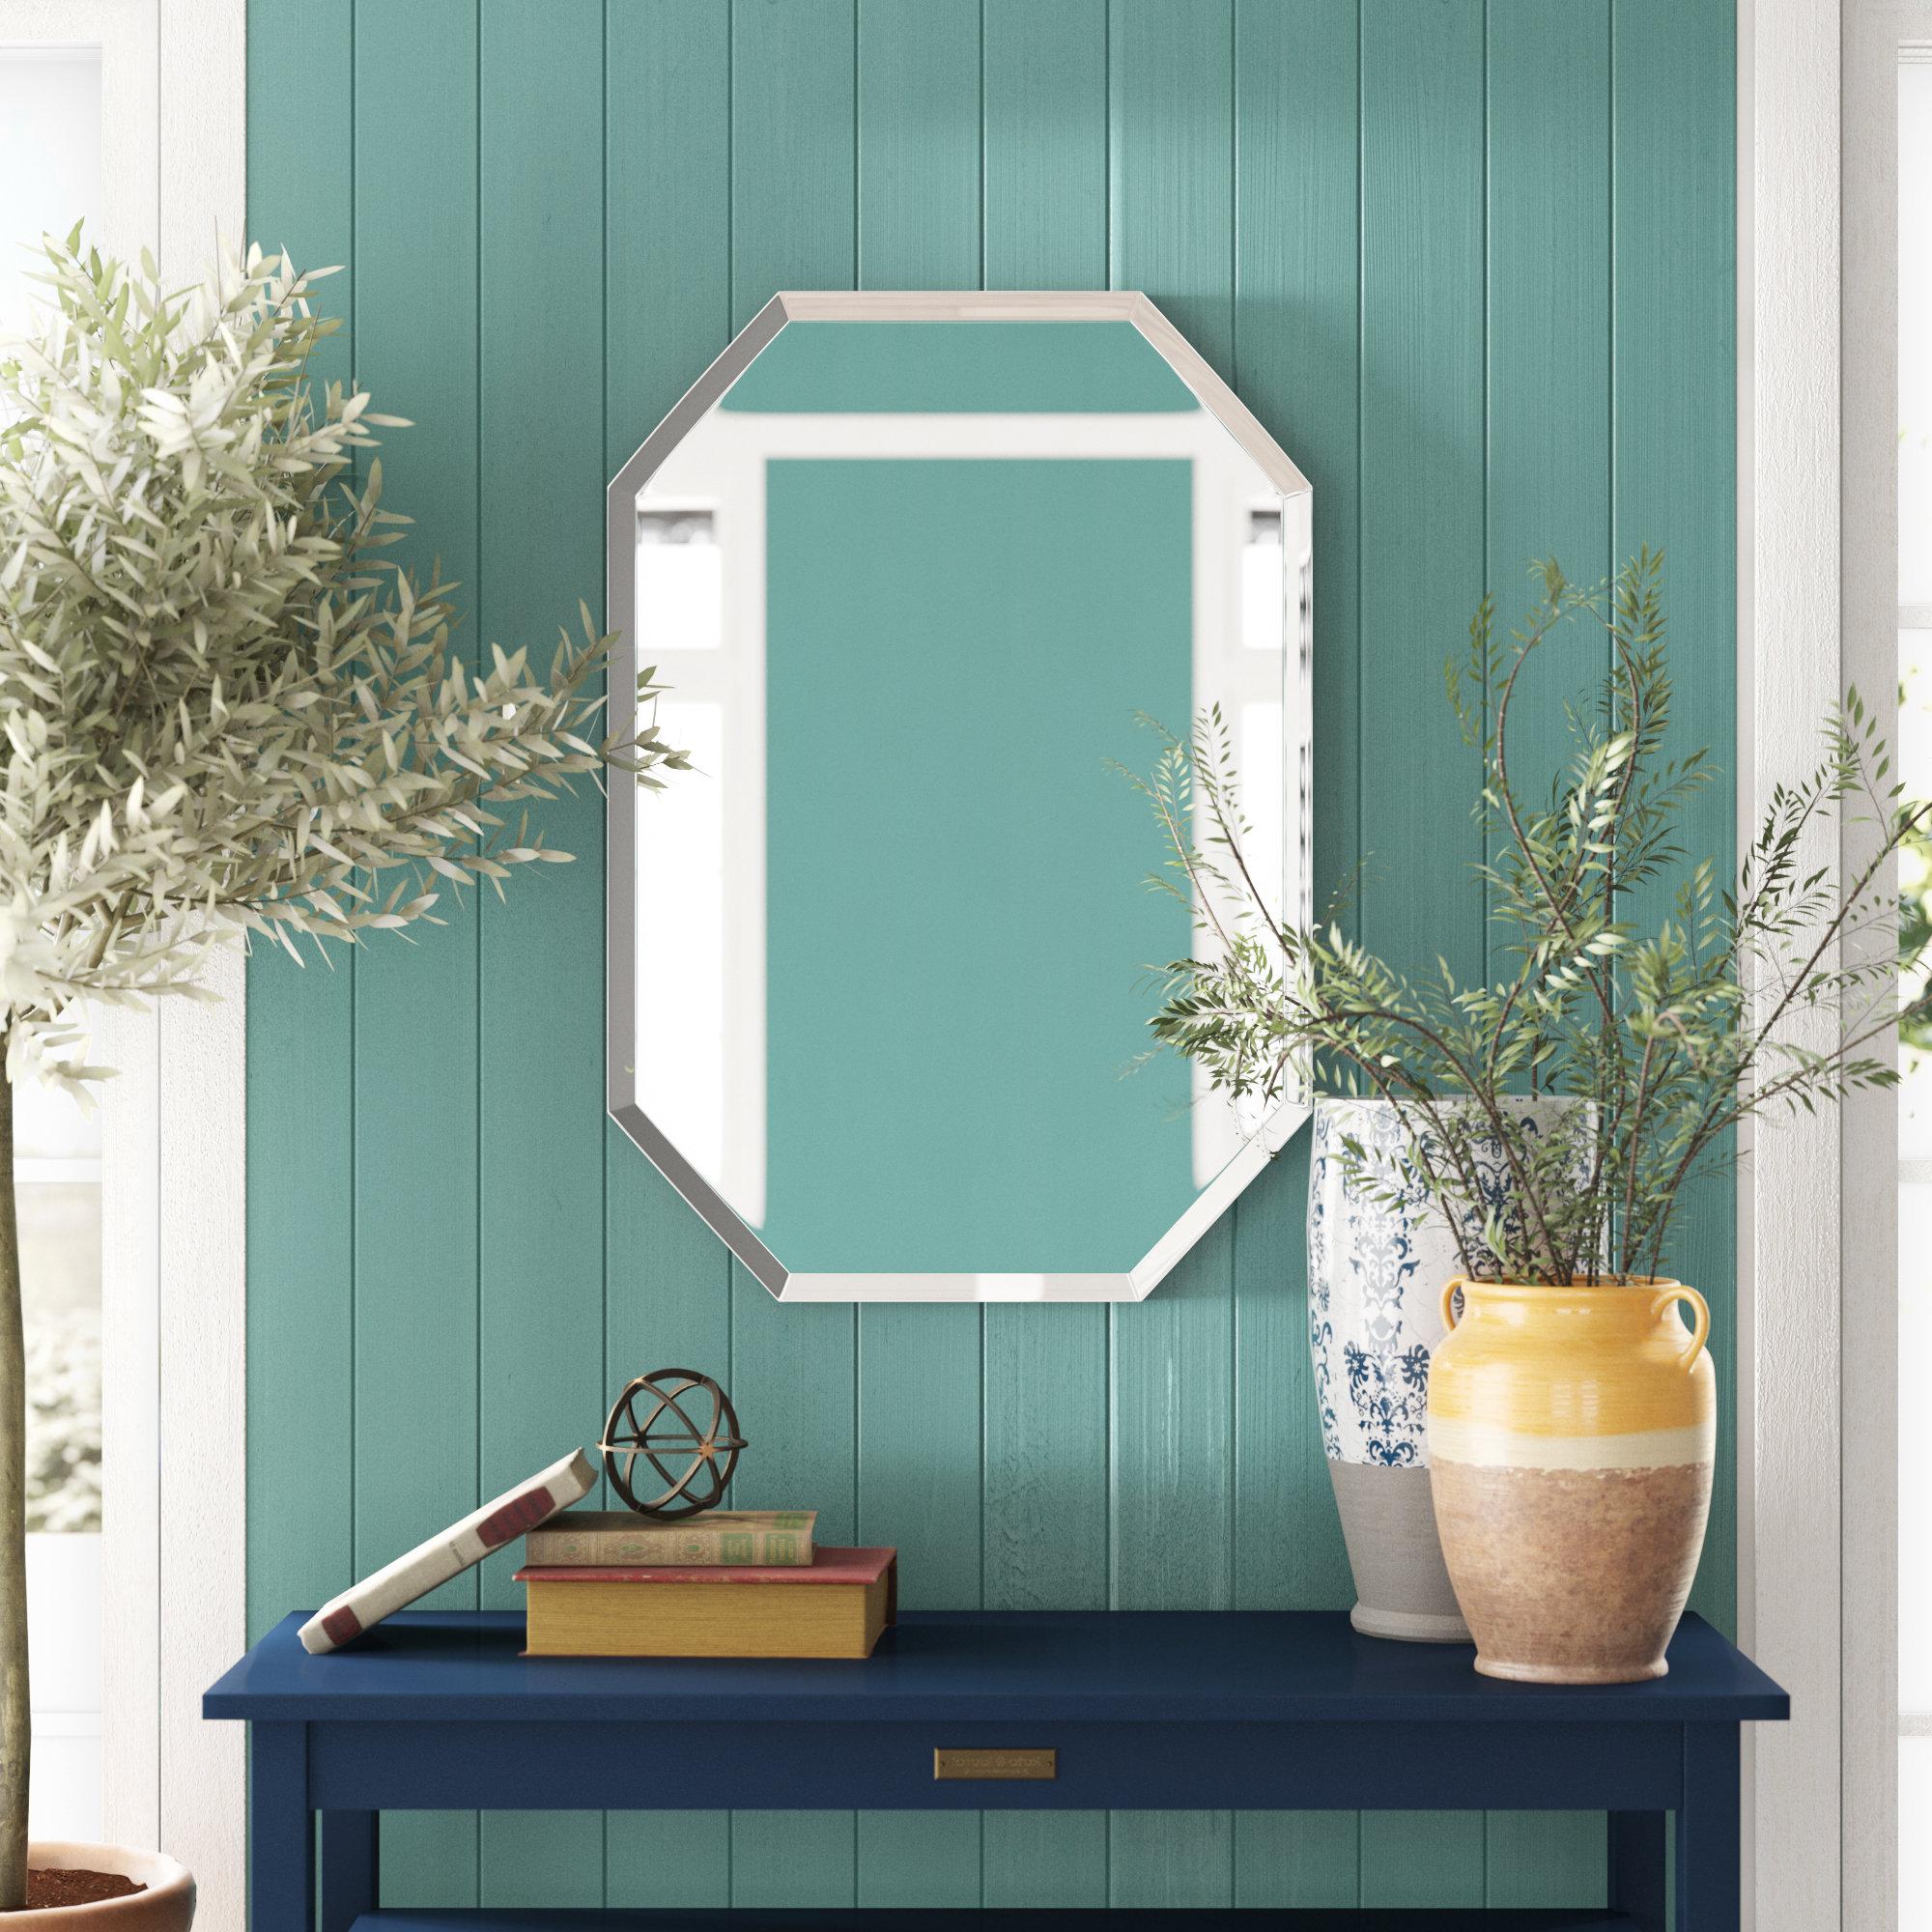 2019 Burgoyne Vanity Mirrors In Top 10 Vanity Mirrors Under $ (View 17 of 20)